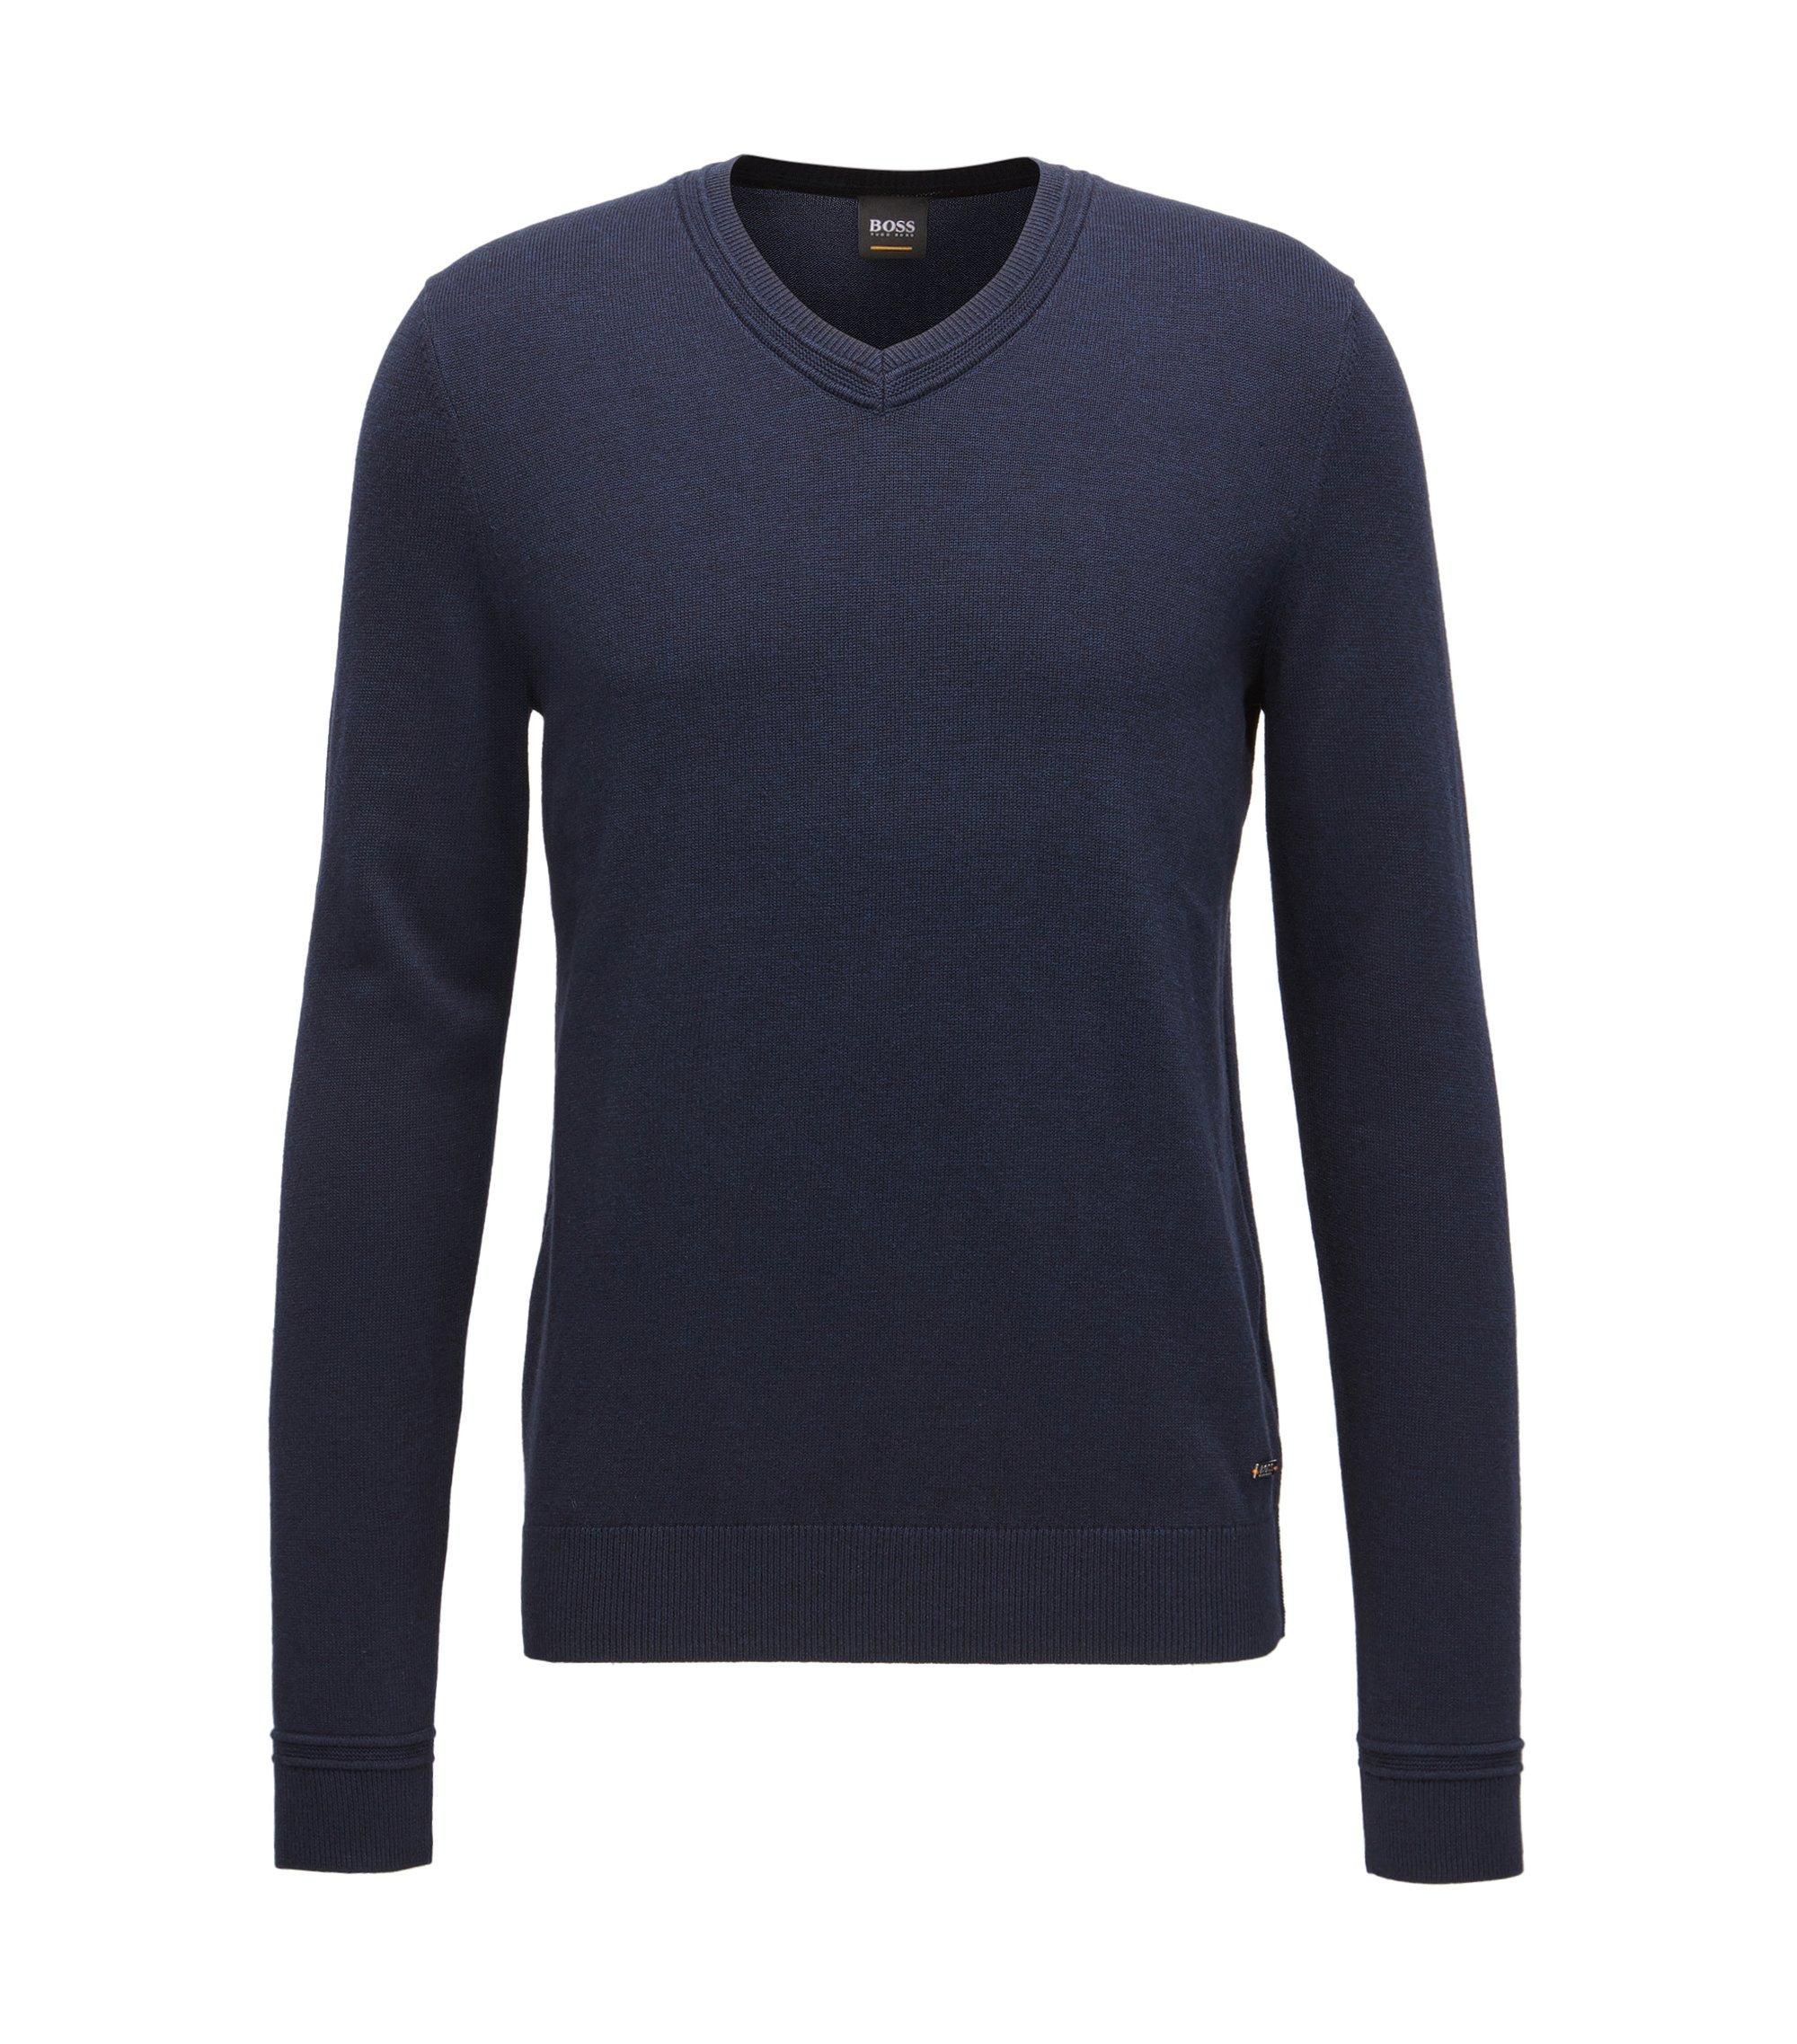 Maglione con scollo a V in misto cotone con dettagli lavorati, Blu scuro